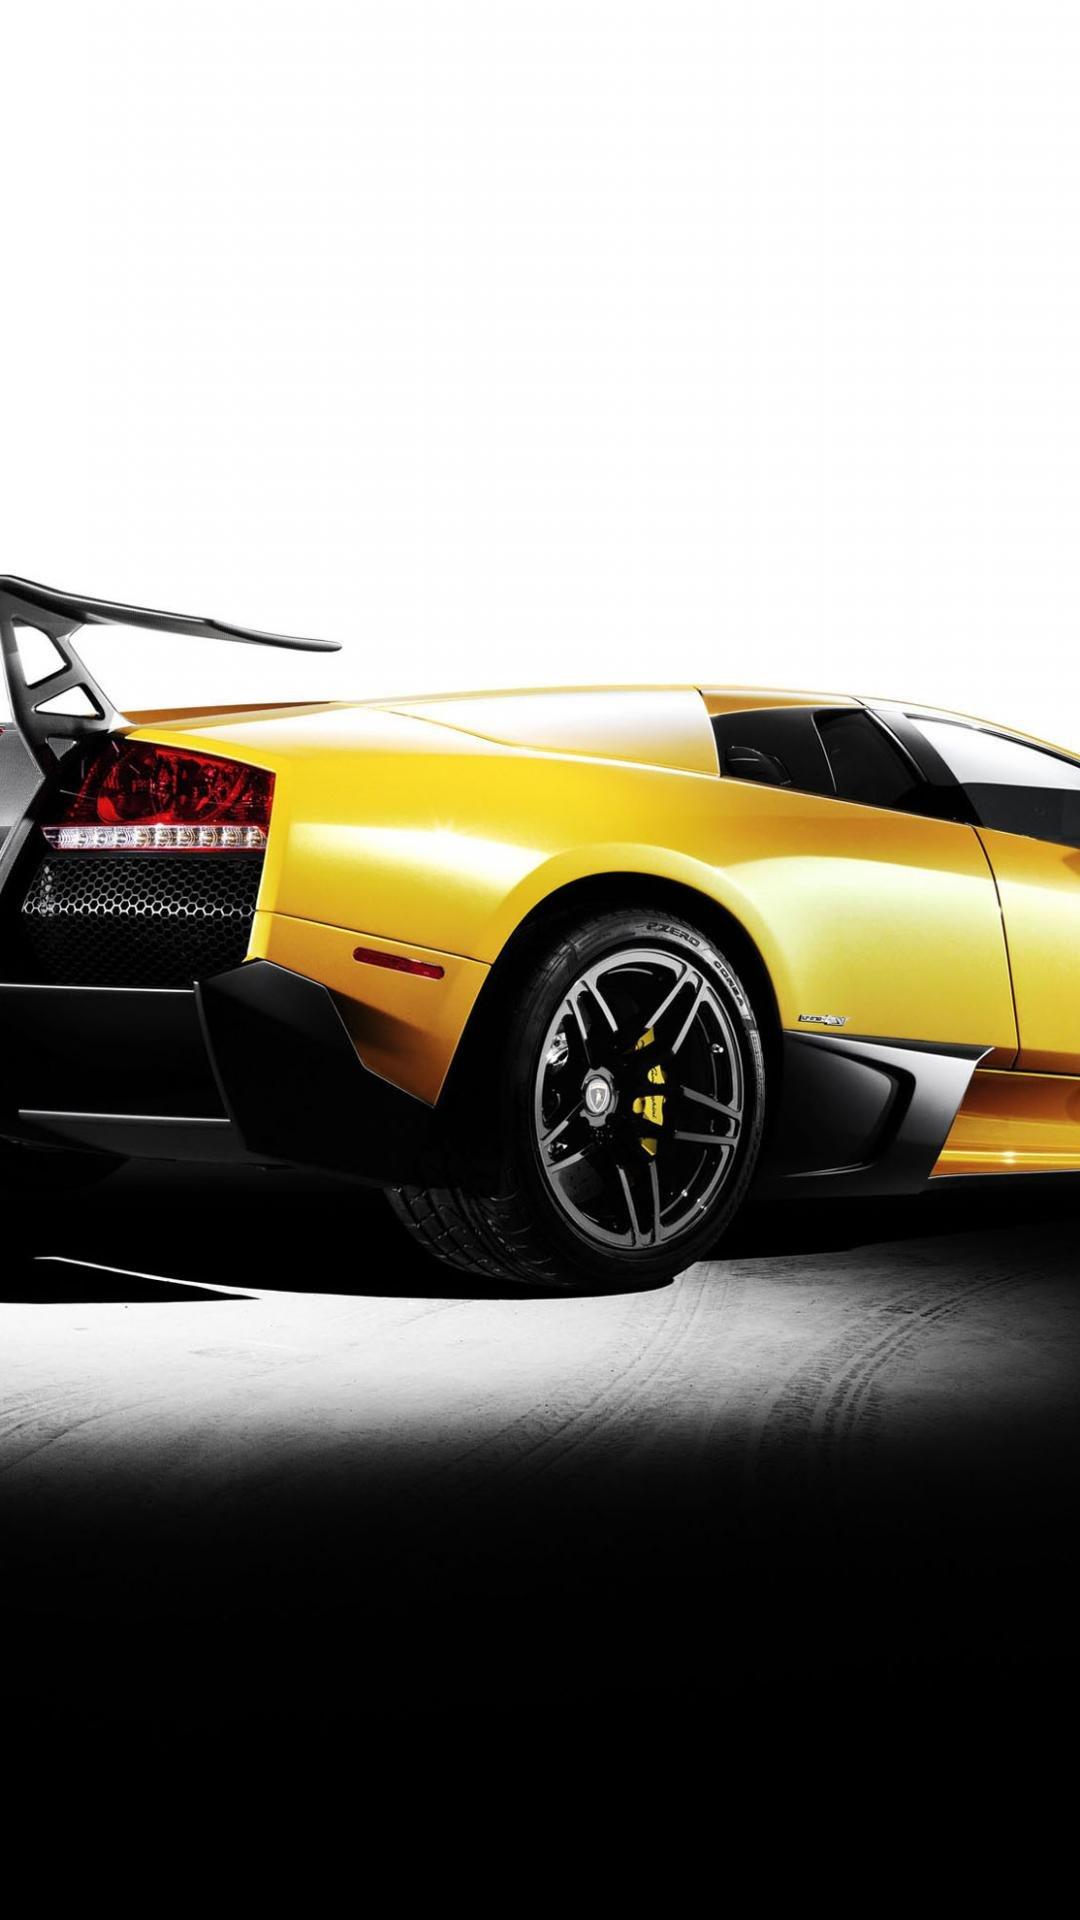 Lamborghini Cell phone wallpaper hd